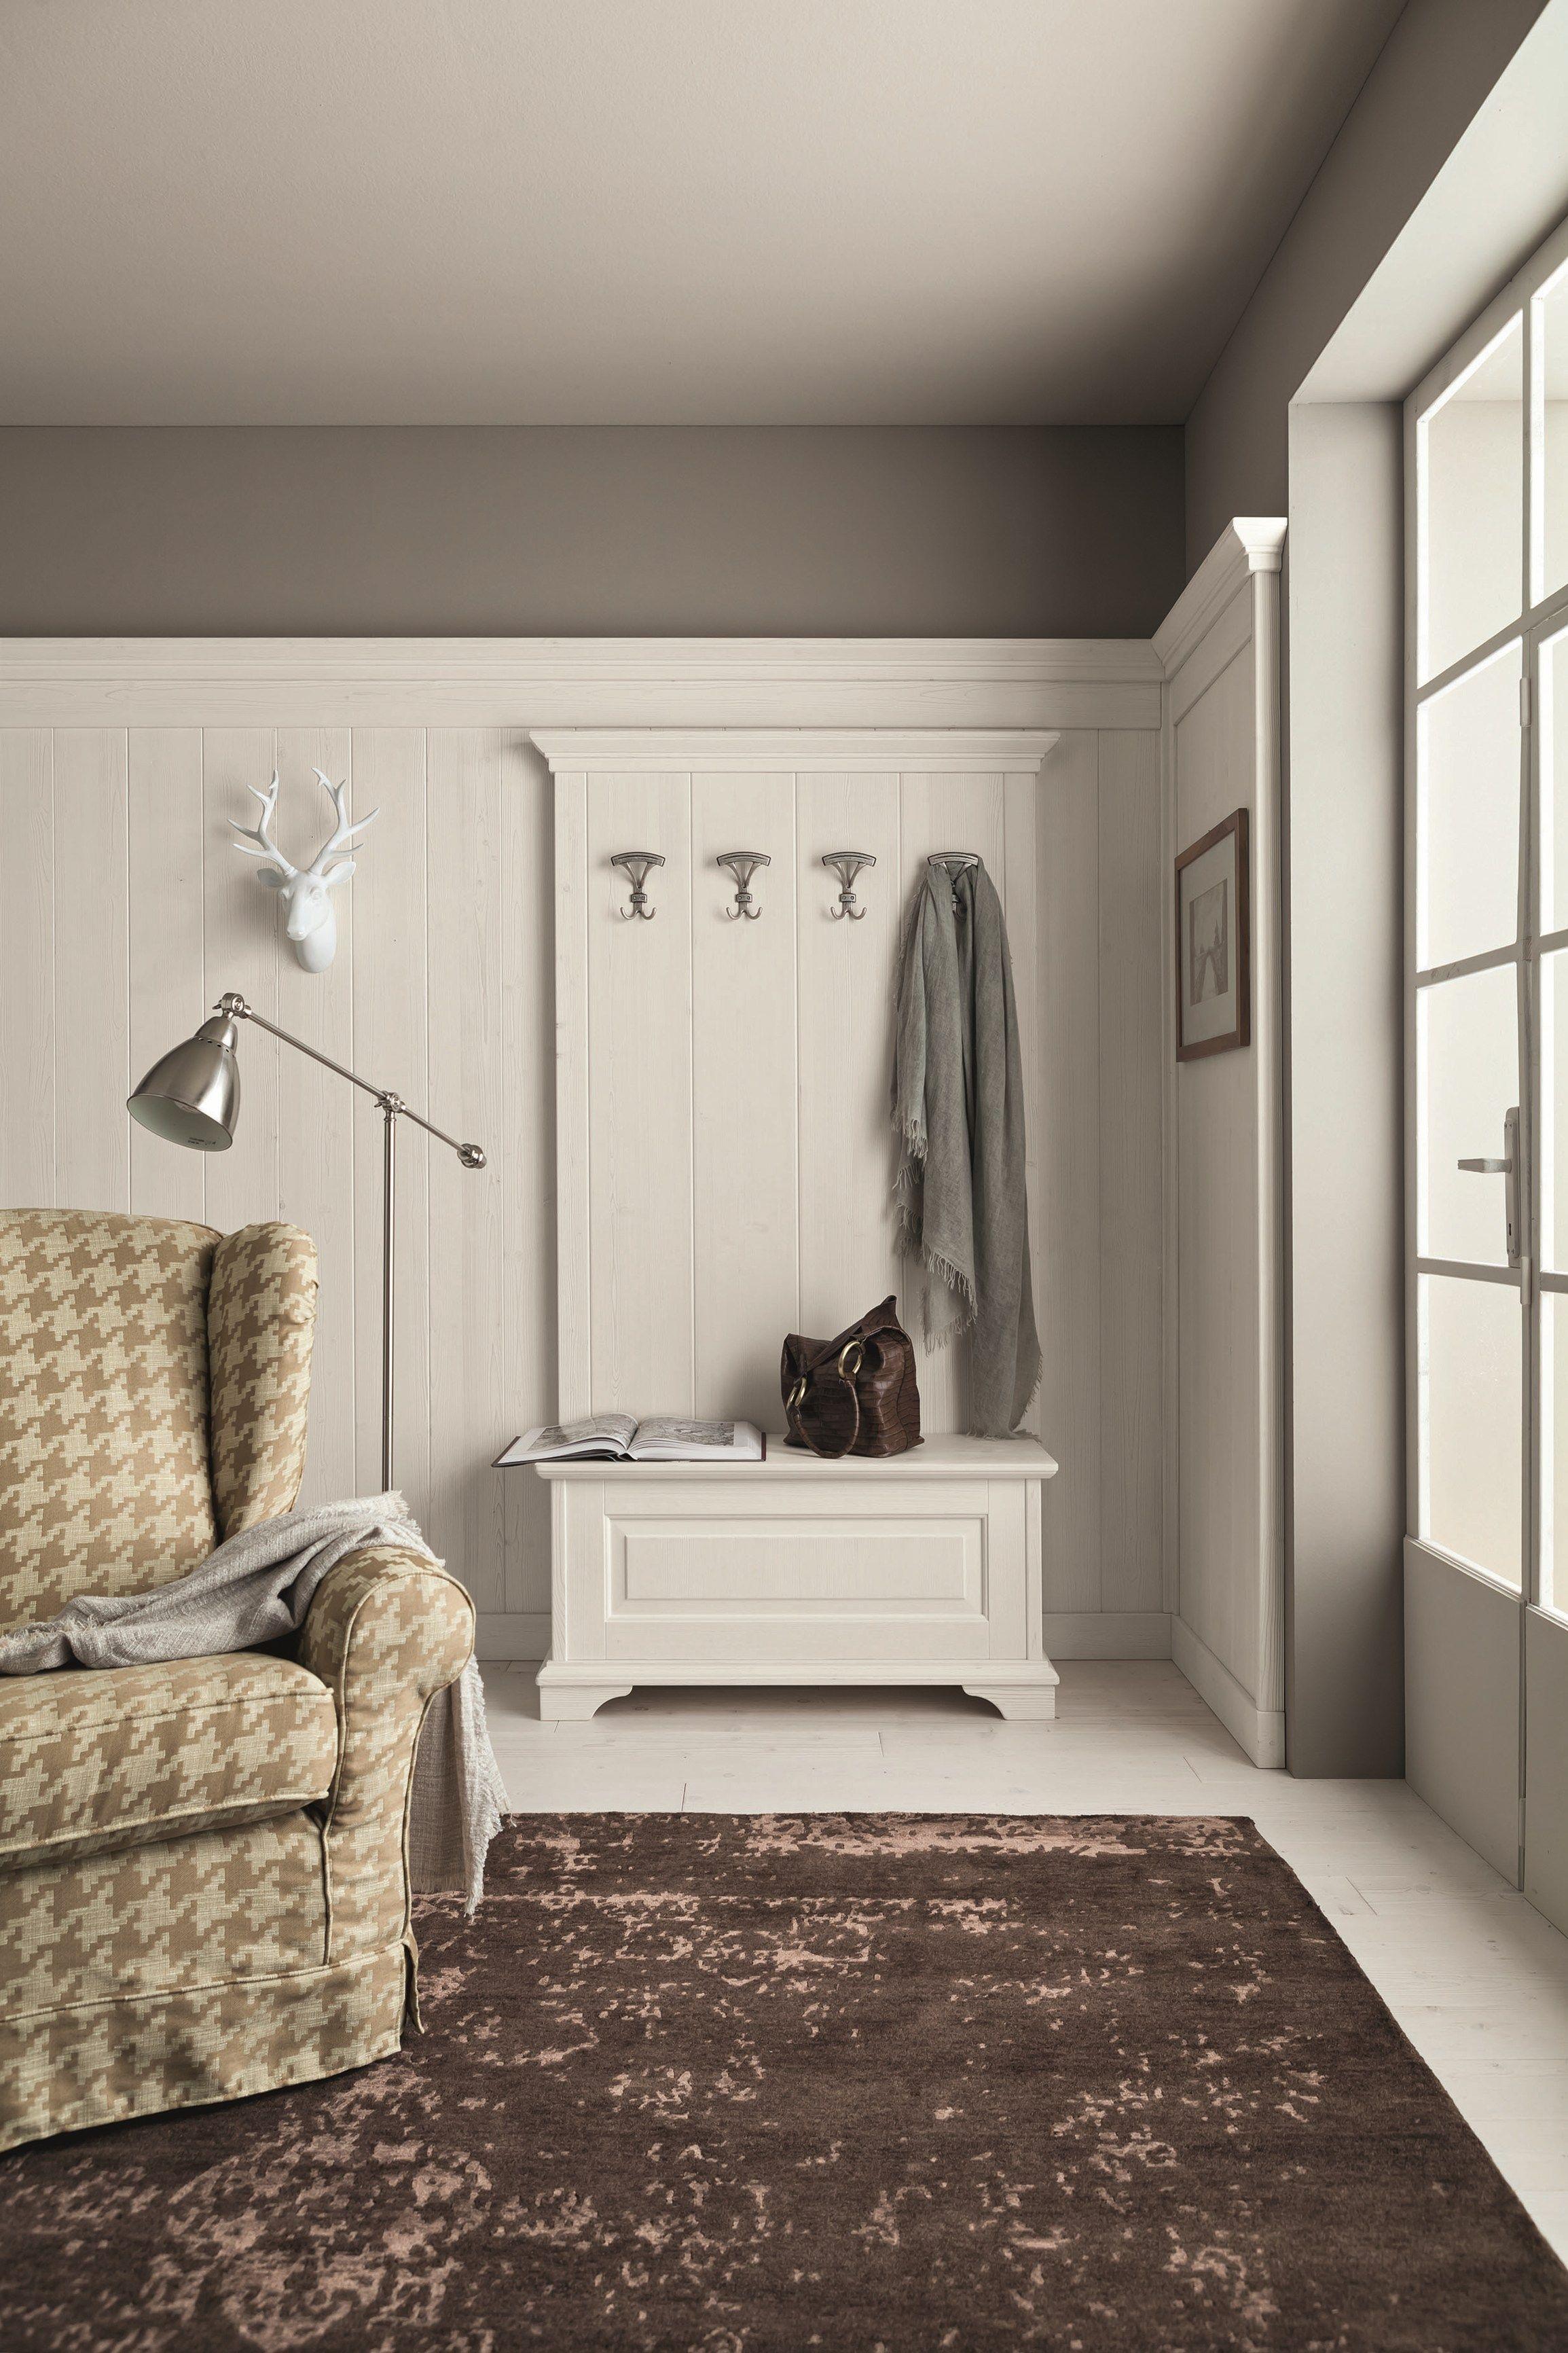 Appendiabiti a parete by scandola mobili for Appendiabiti parete